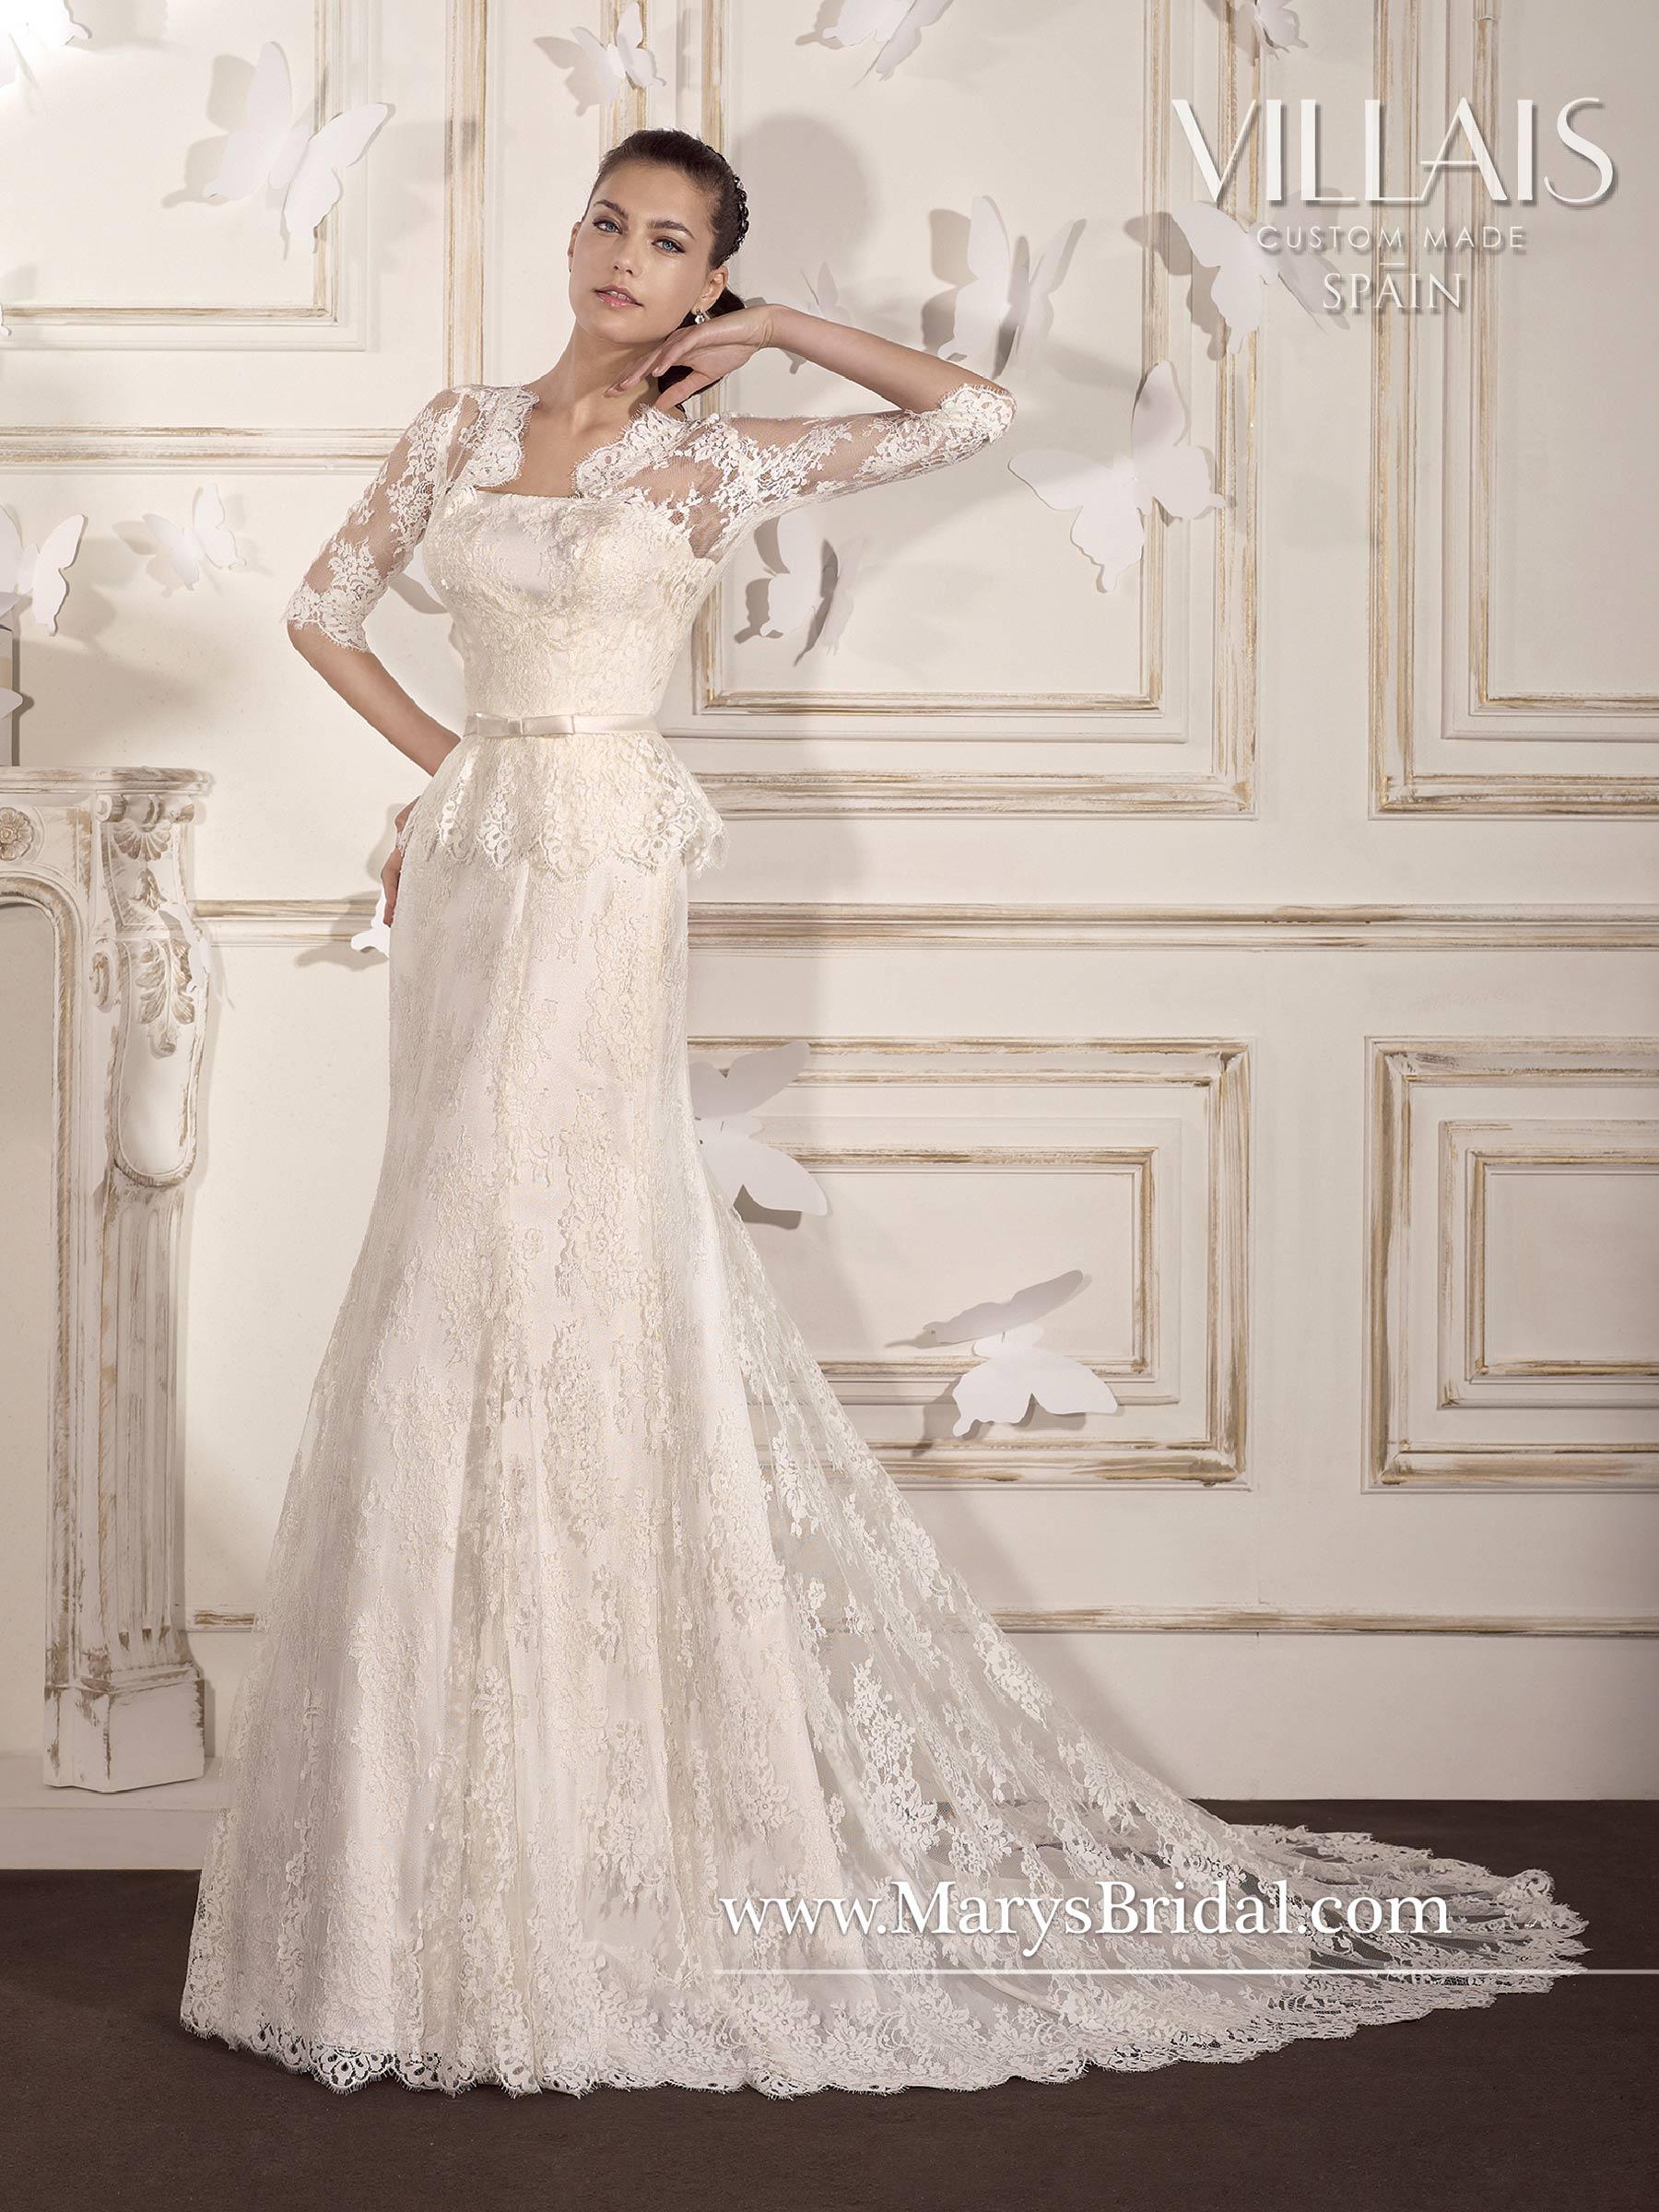 B8017-marys bridal